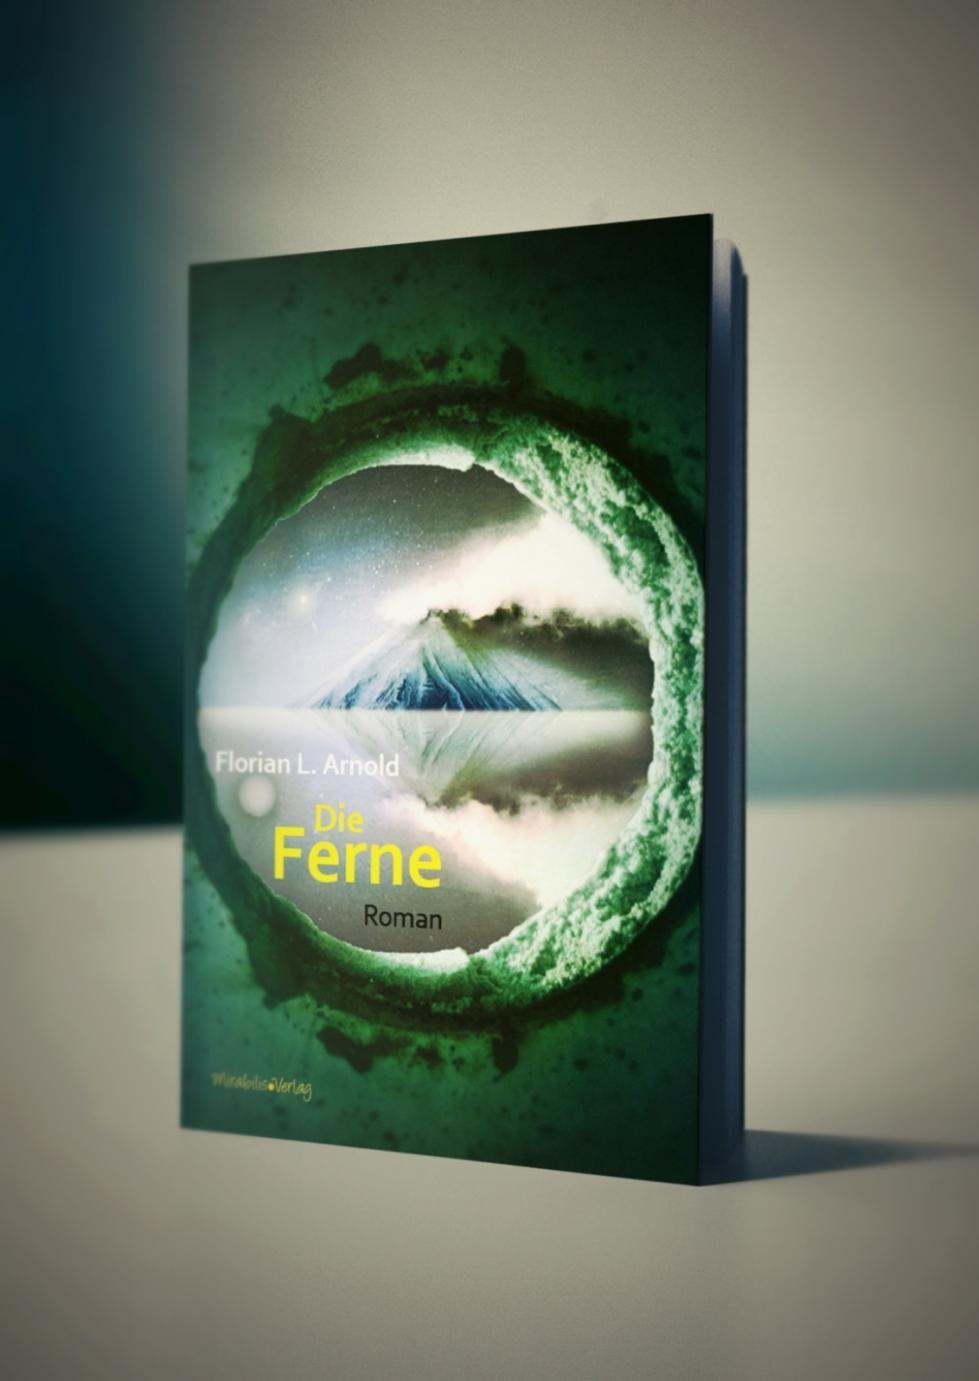 Die Ferne. Roman von Florian L. Arnold, 2016. Mirabilis-Verlag.